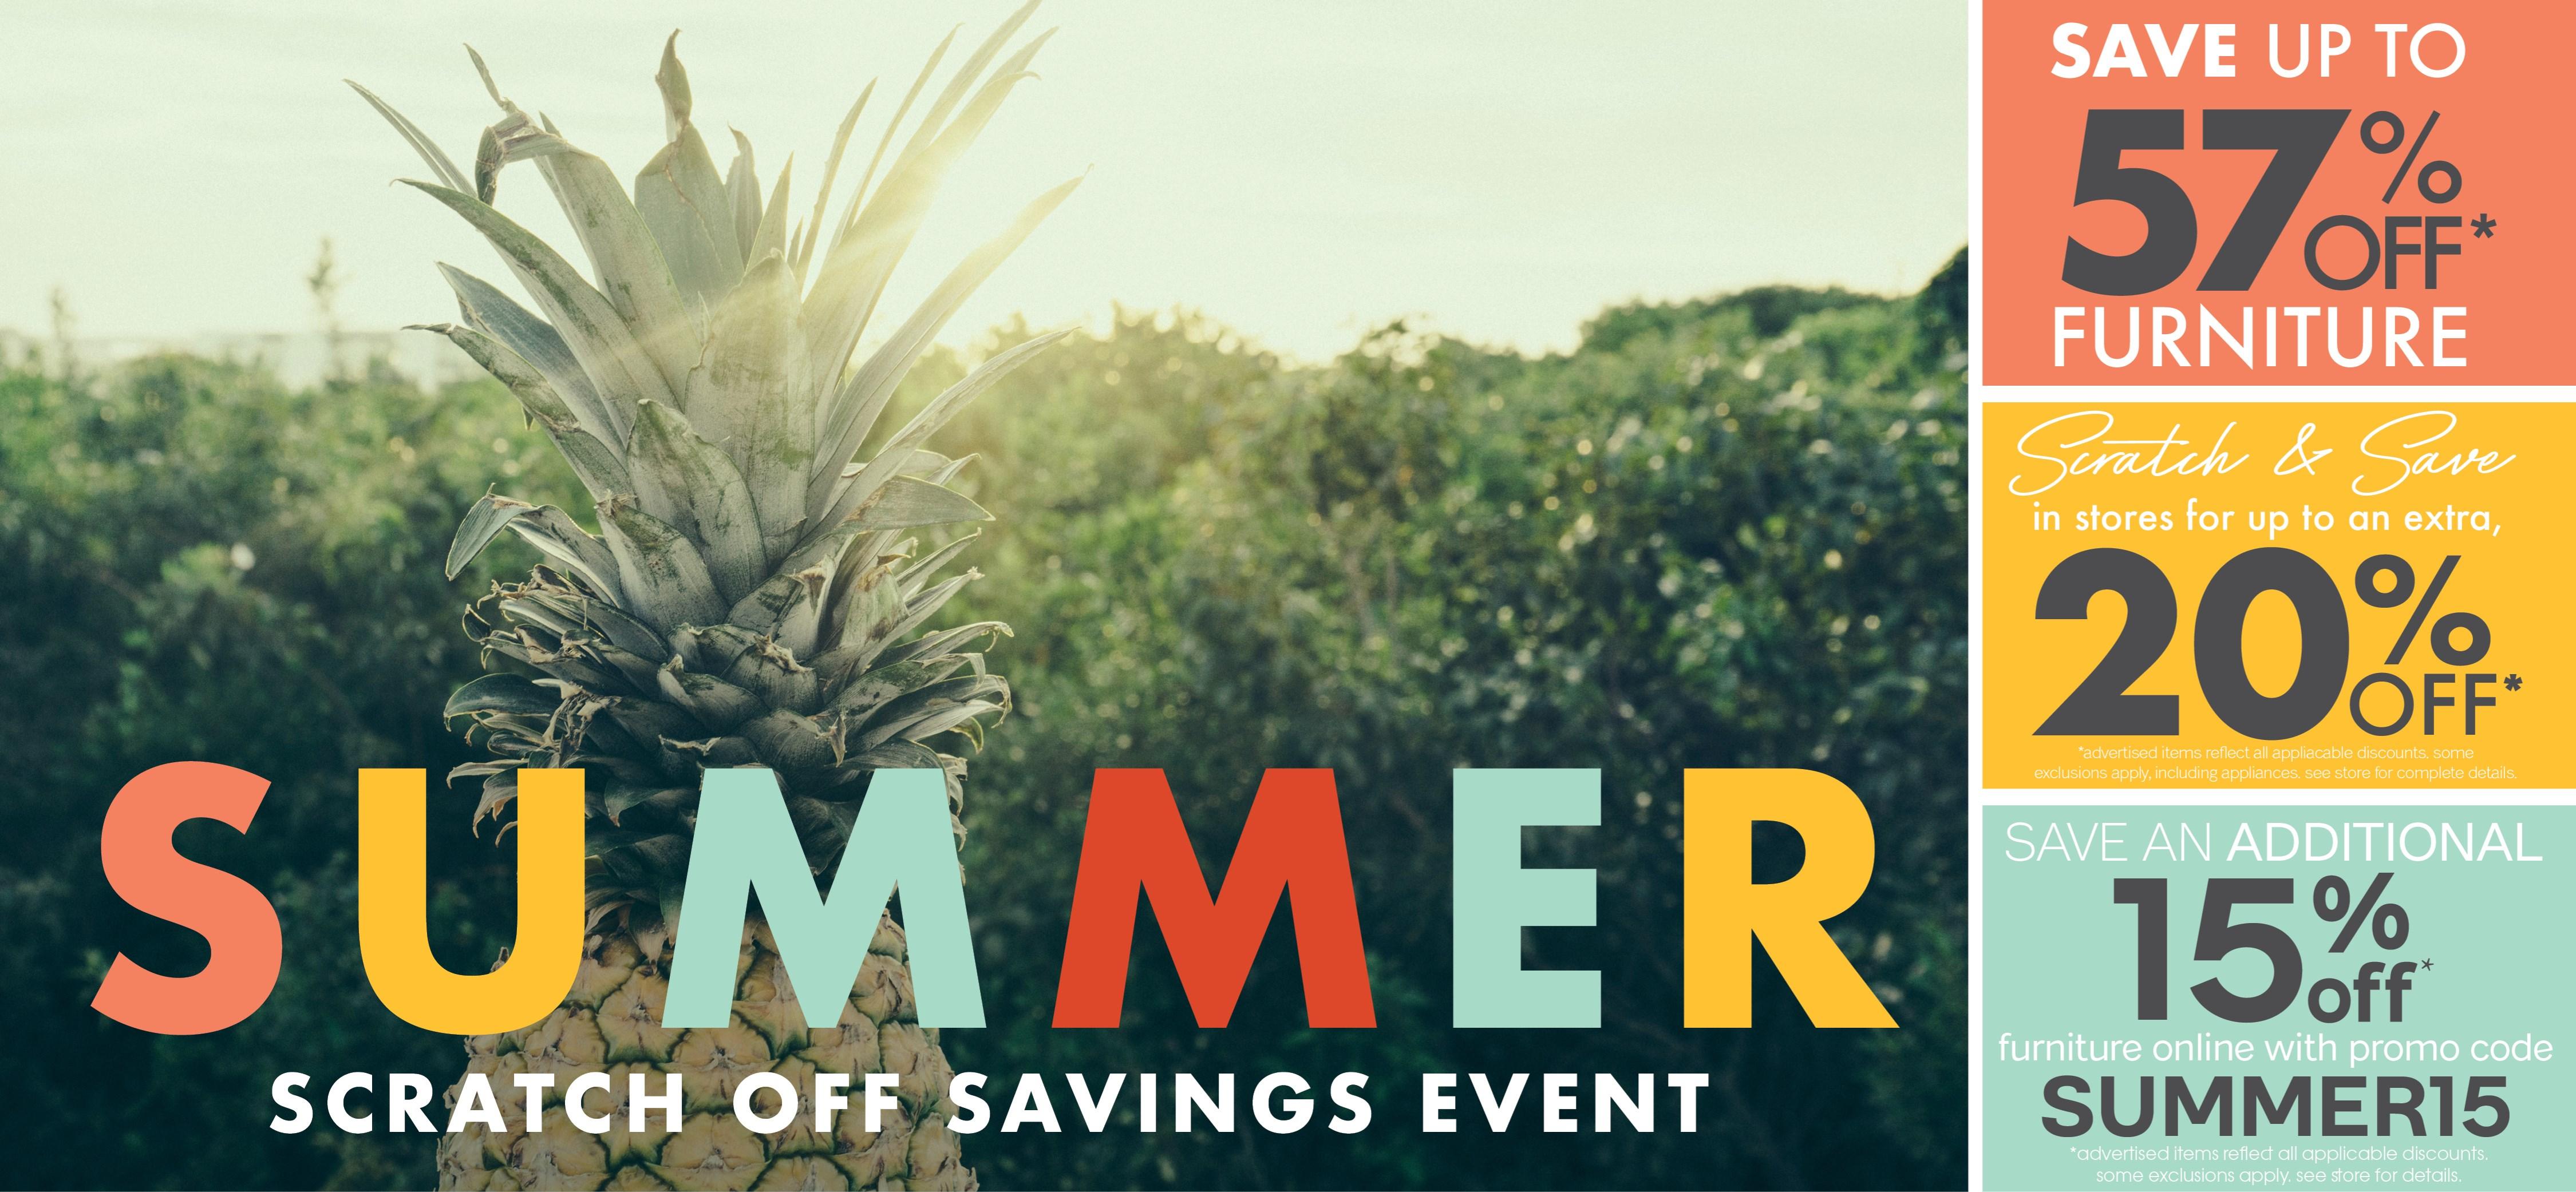 Furniture & ApplianceMart Summer Scratch off Savings Event